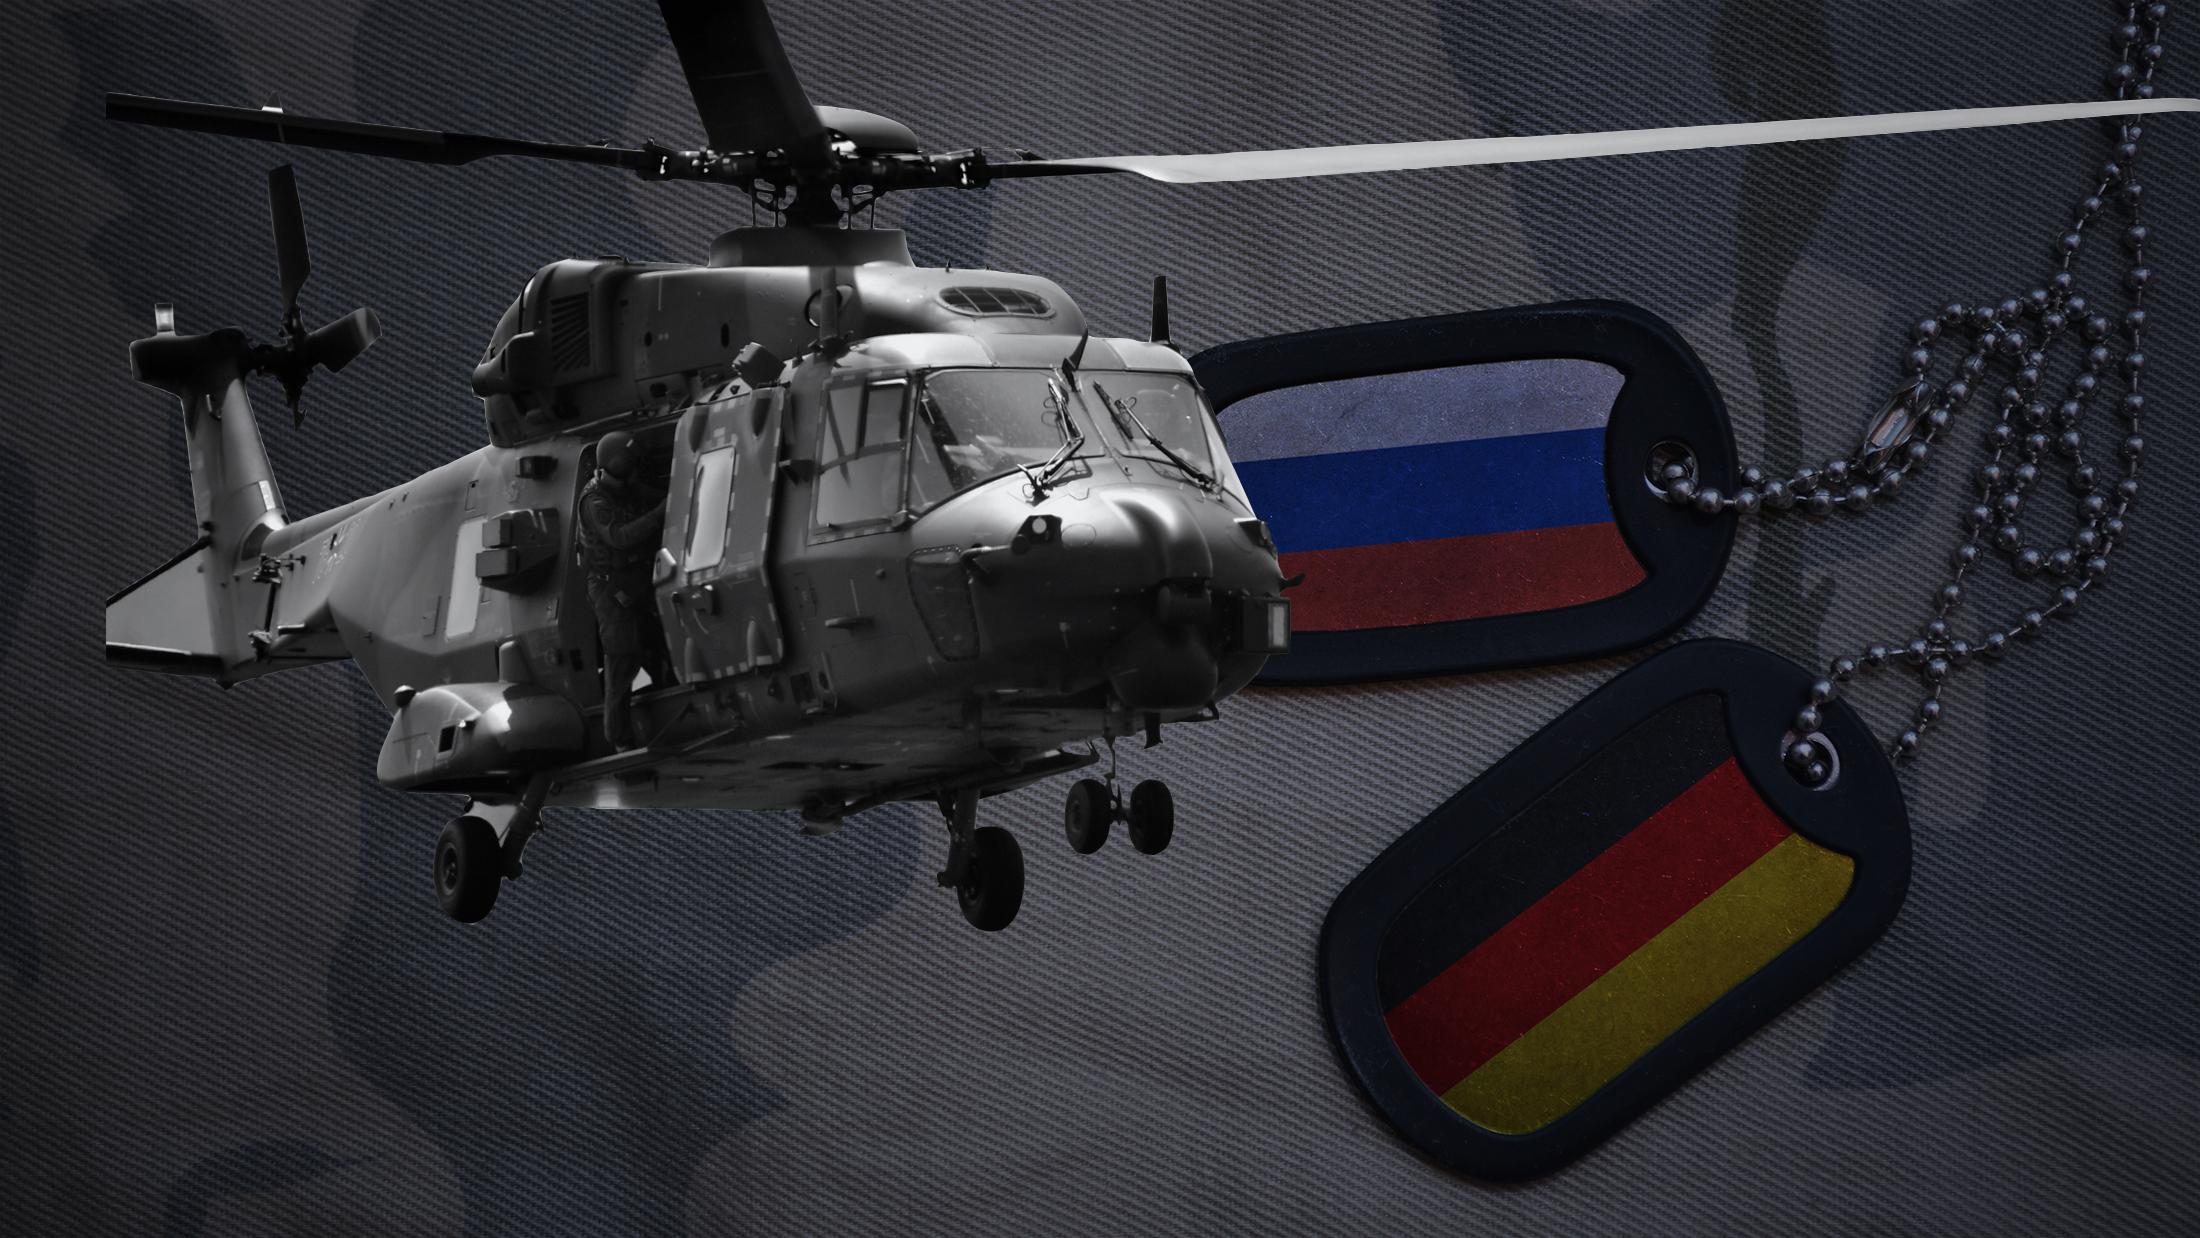 Германия против России. Сравниваем армии двух стран